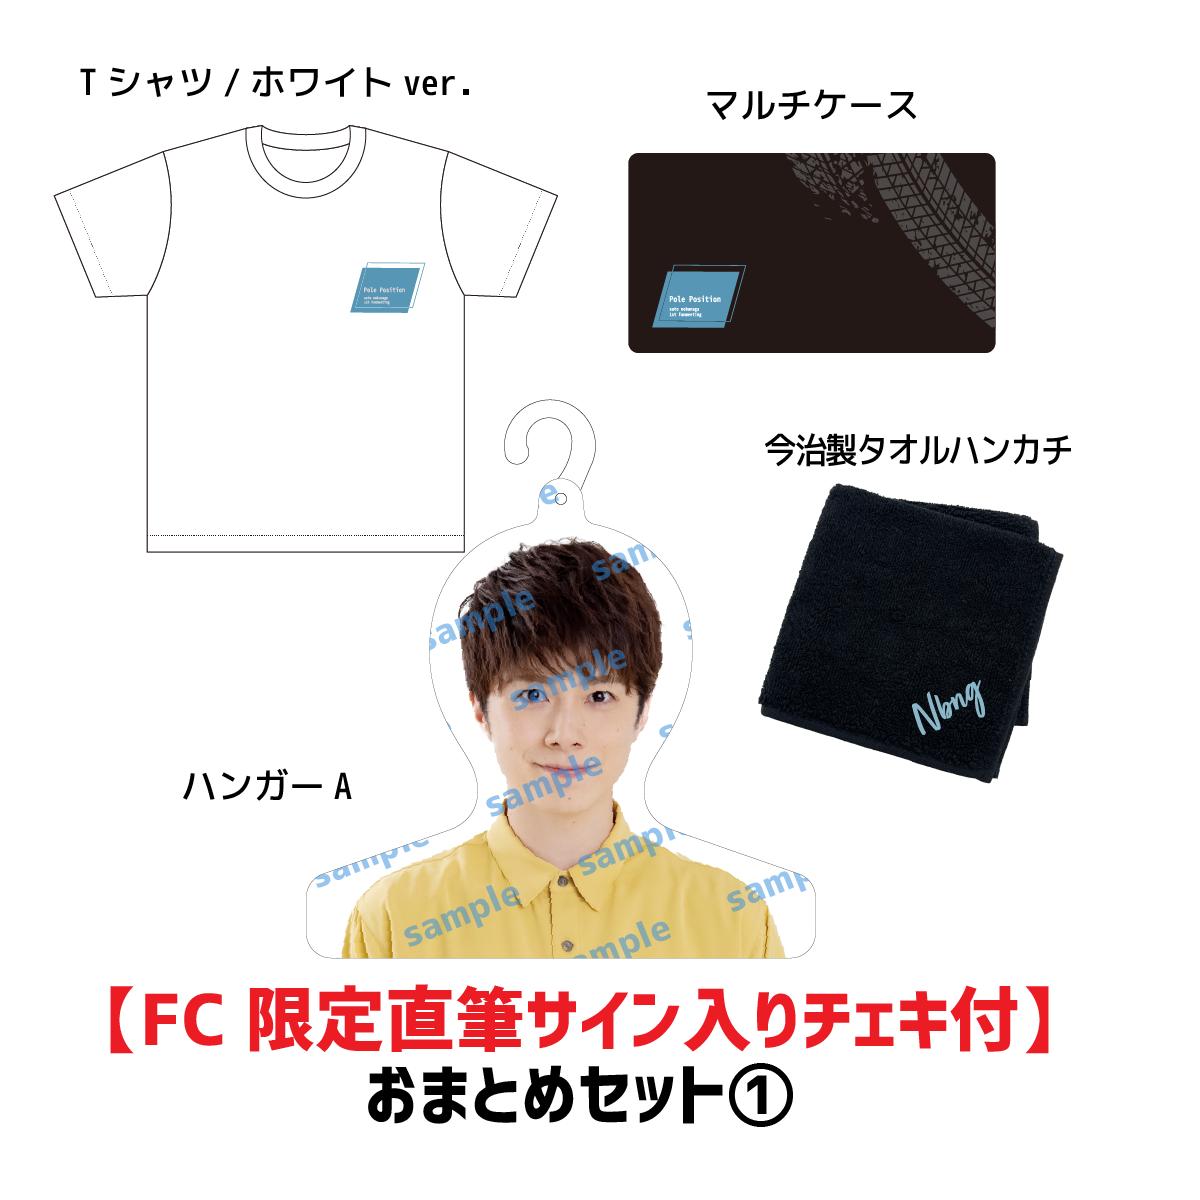 【FC限定直筆チェキ付】「佐藤信長1st Fanmeeting」おまとめセット①(Tシャツ・ホワイト/ハンガーA)